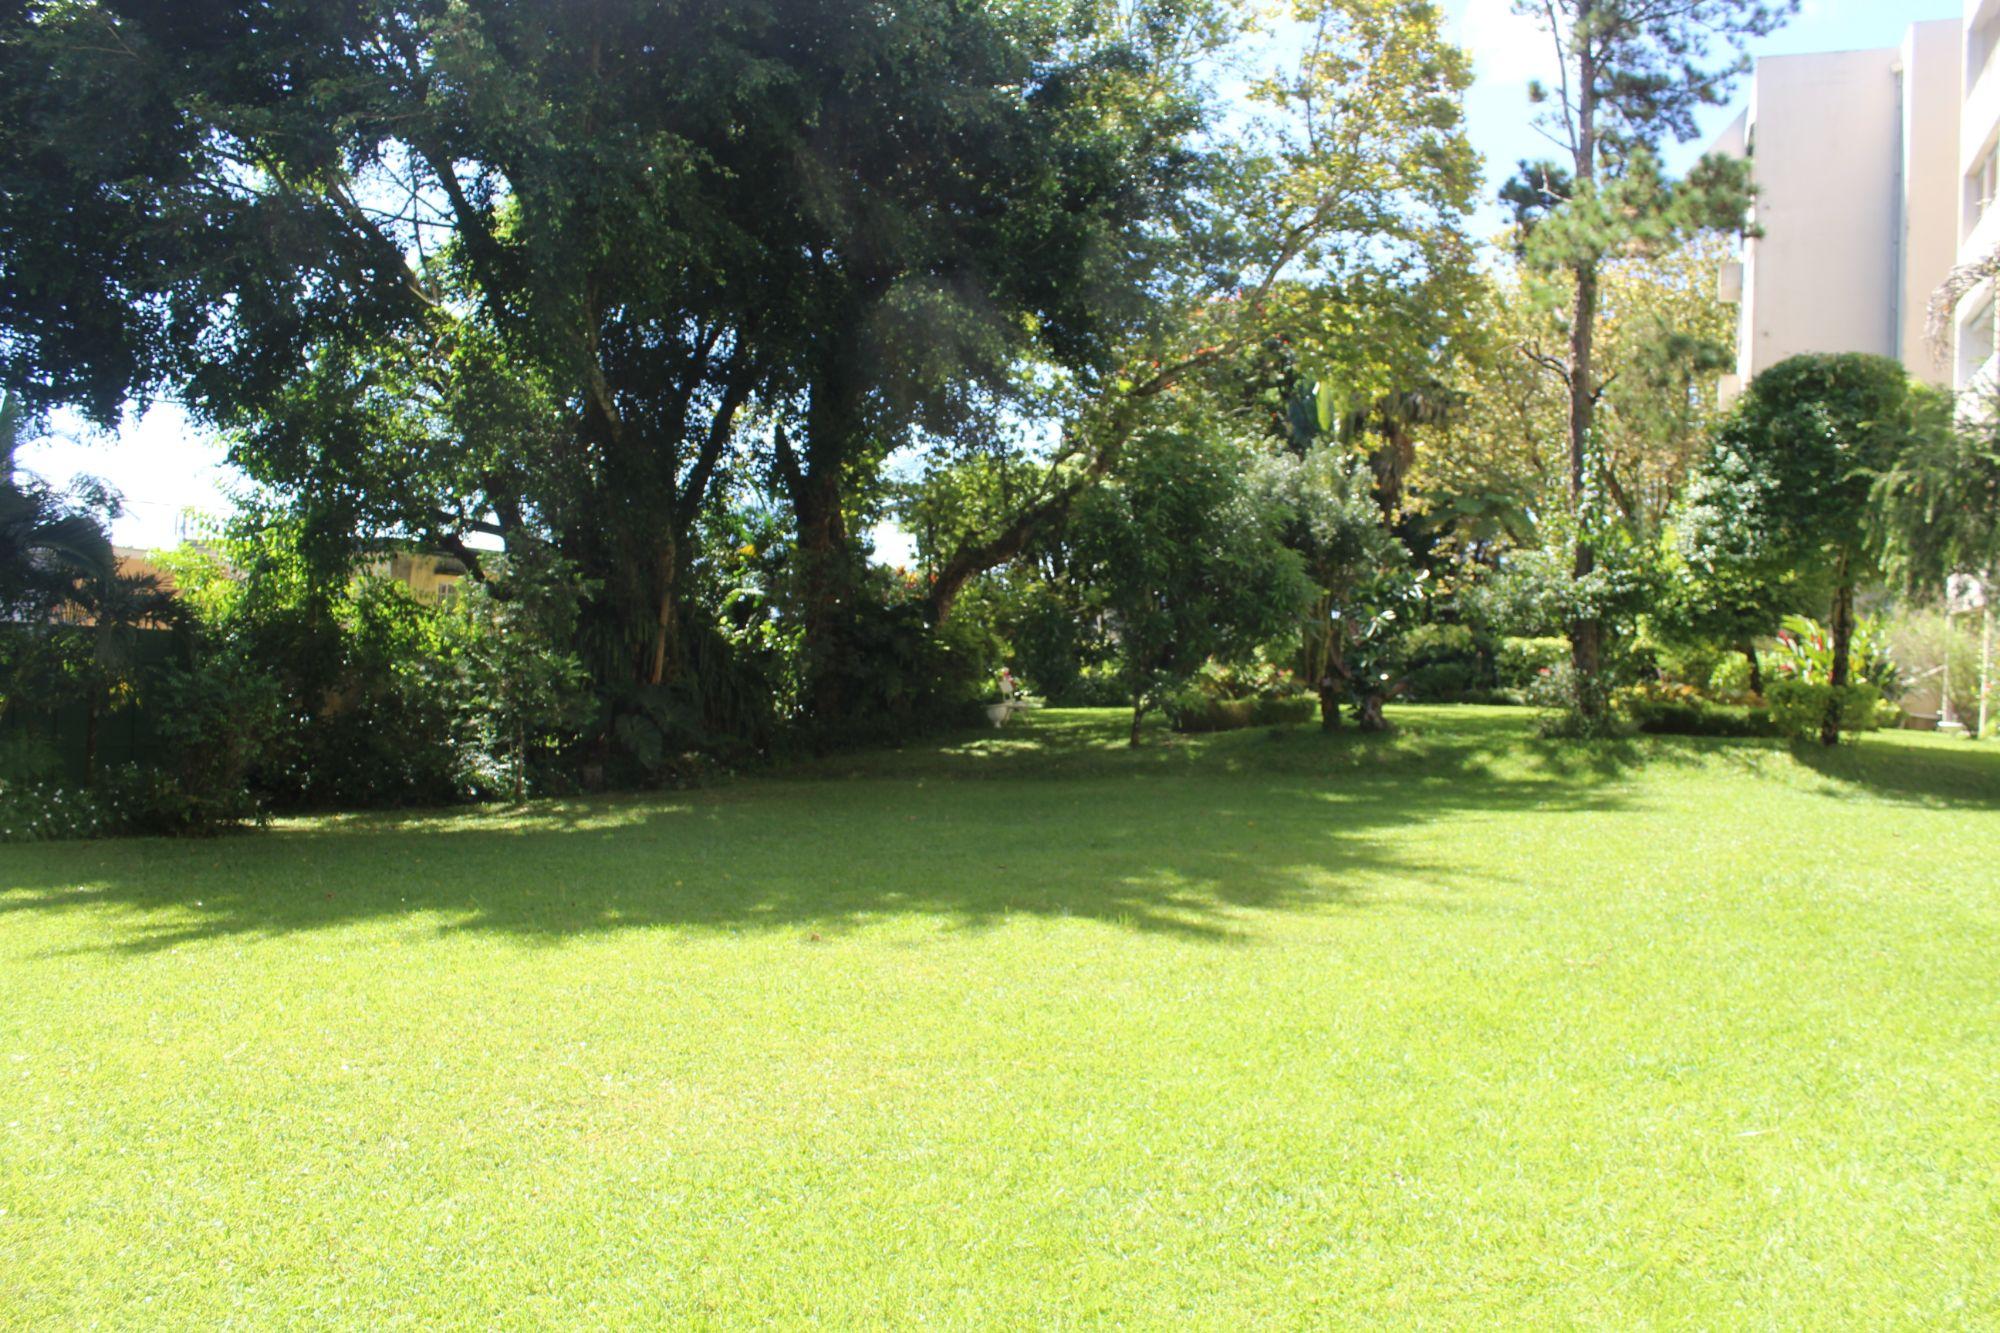 Appartement non meublé de 134 M2 situé au RDC d'une résidence proche de toutes commodités à Floréal